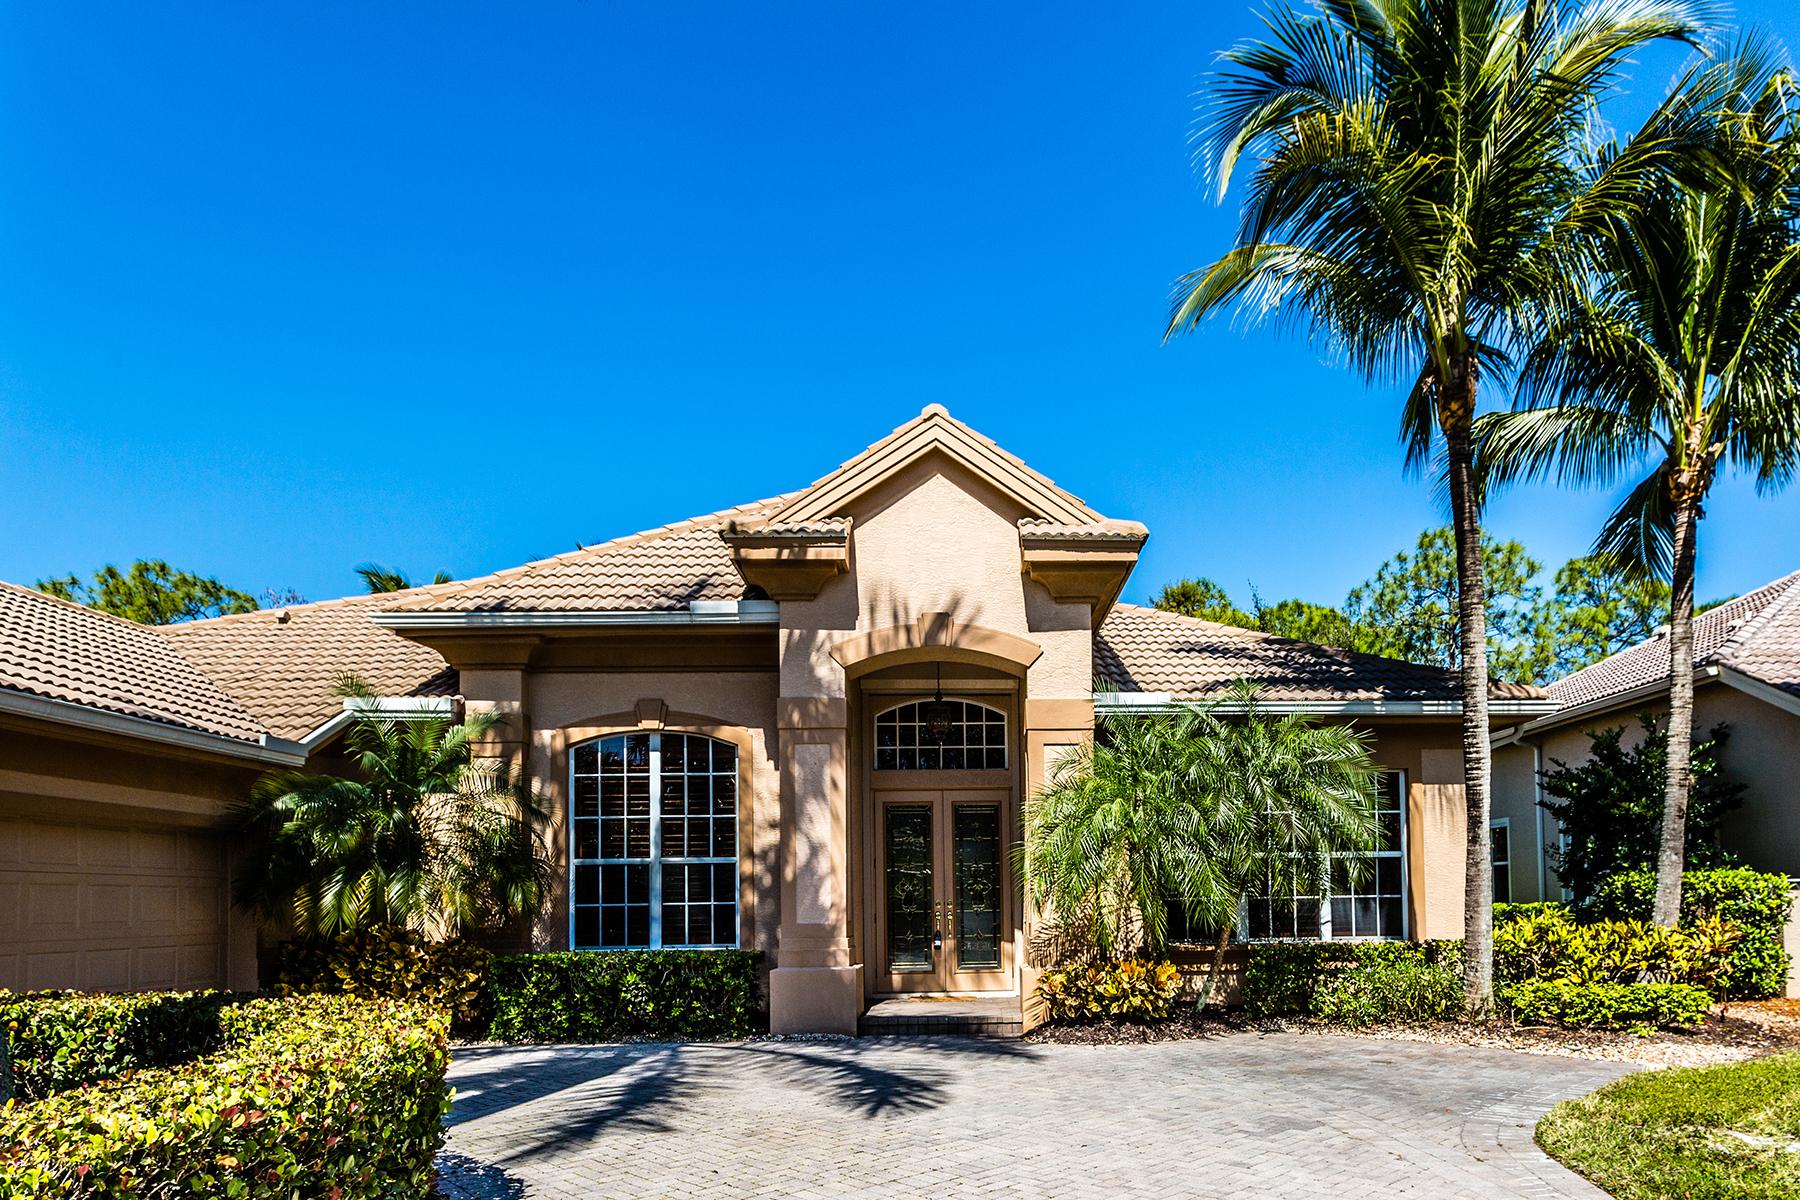 단독 가정 주택 용 매매 에 FIDDLER'S CREEK - MULBERRY ROW 7690 Mulberry Ln Naples, 플로리다, 34114 미국